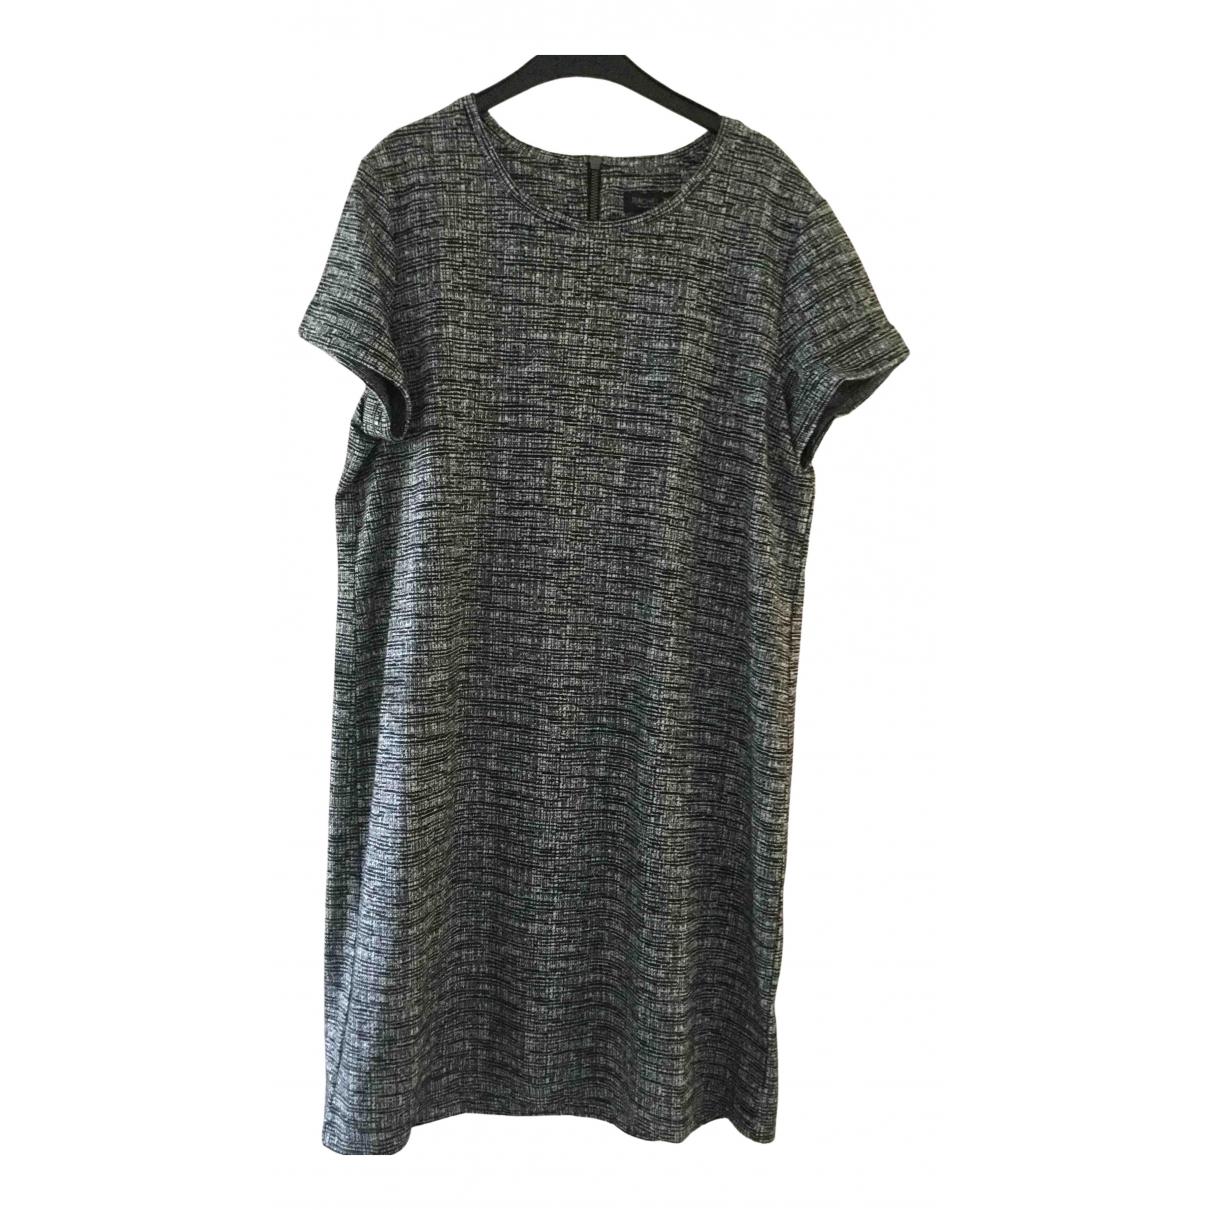 Rachel Zoe \N Kleid in  Schwarz Baumwolle - Elasthan